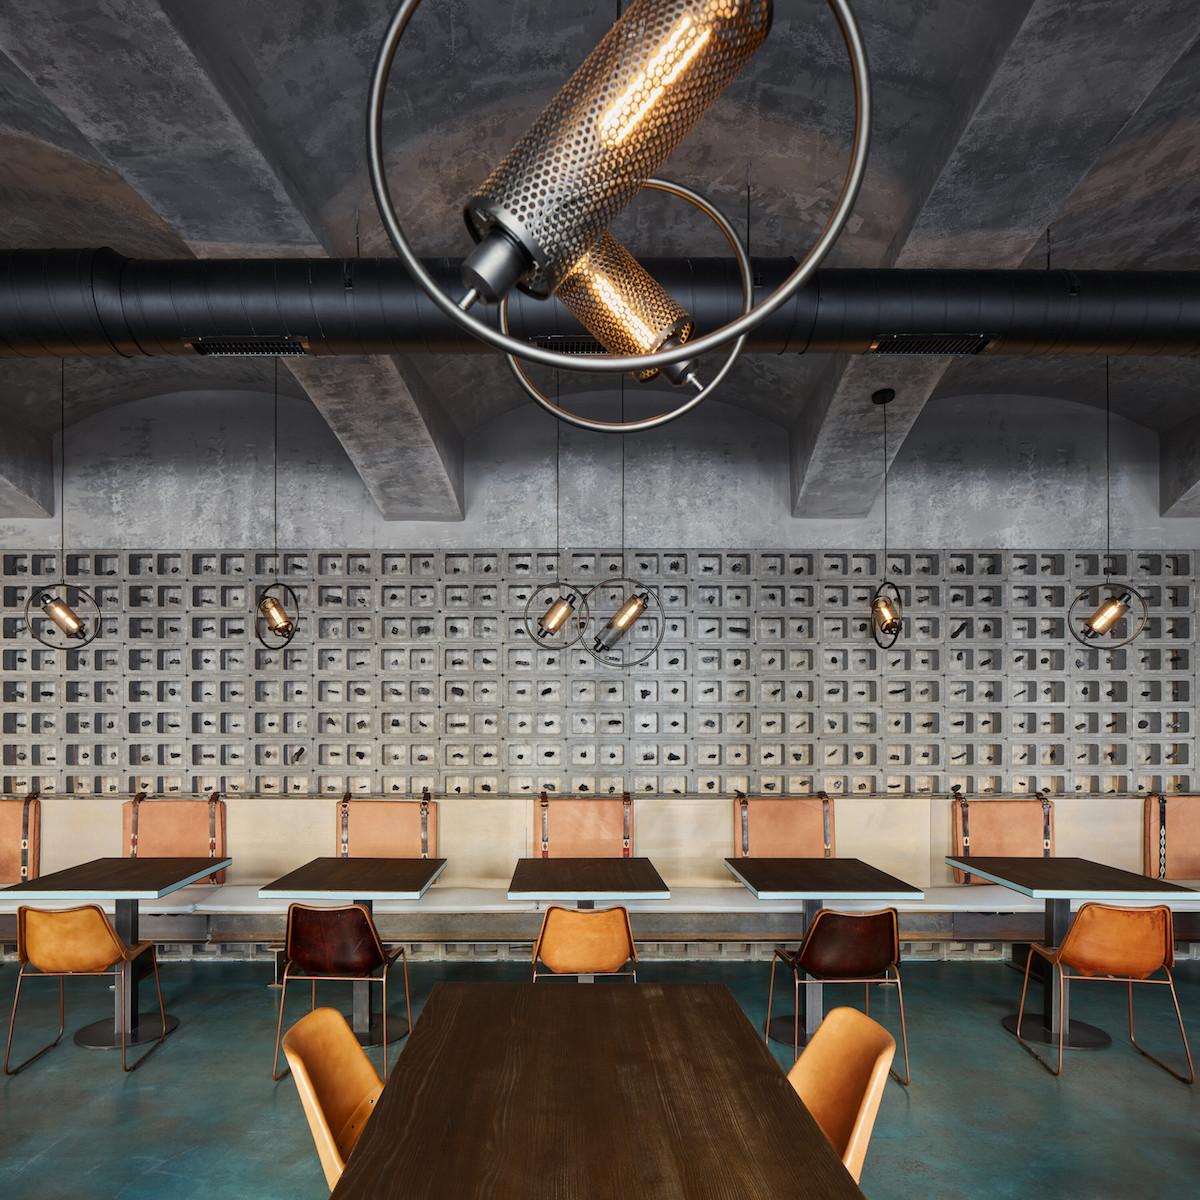 Dekoračná stena z betónových tvárnic so zavesenými uhlíkmi je ústredným motívom interiéru.